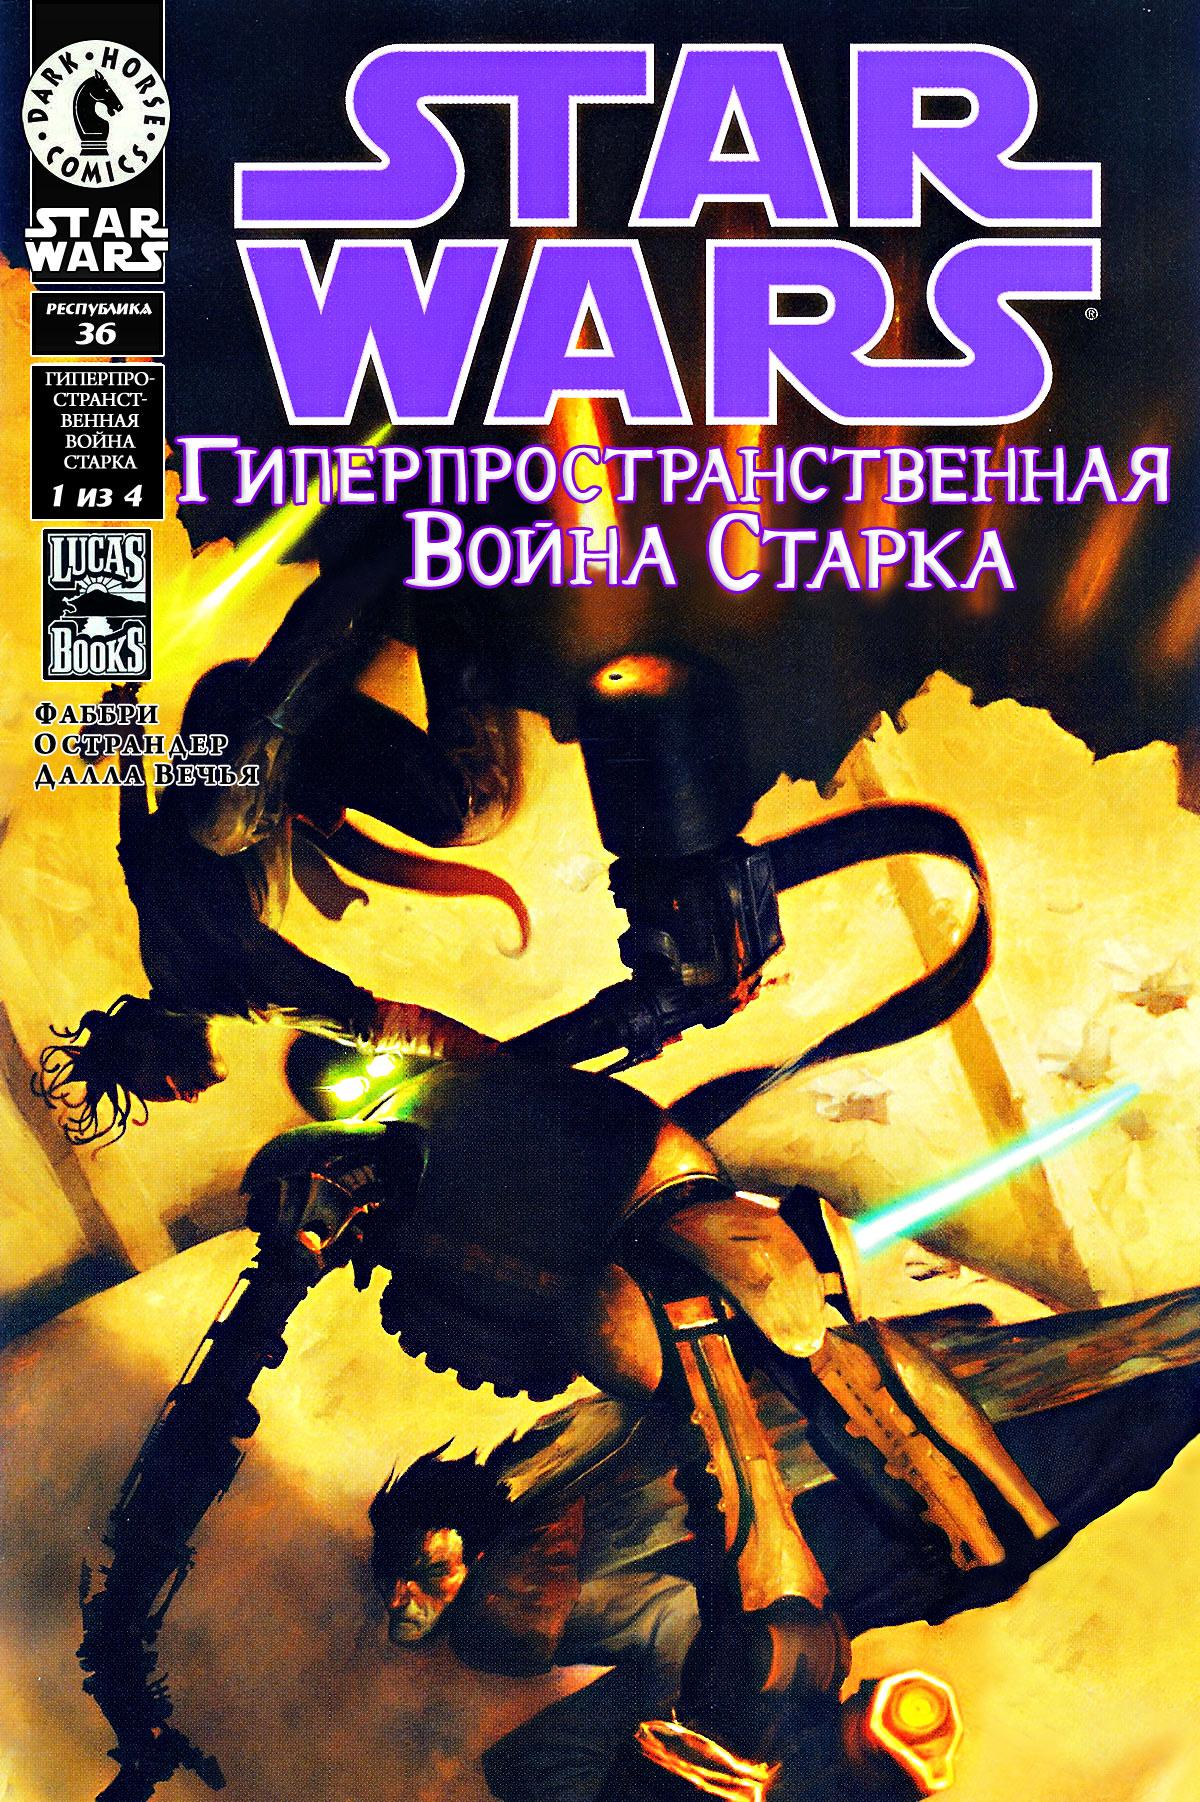 Звёздные войны. Республика 36: Гиперпространственная война Старка, часть 1